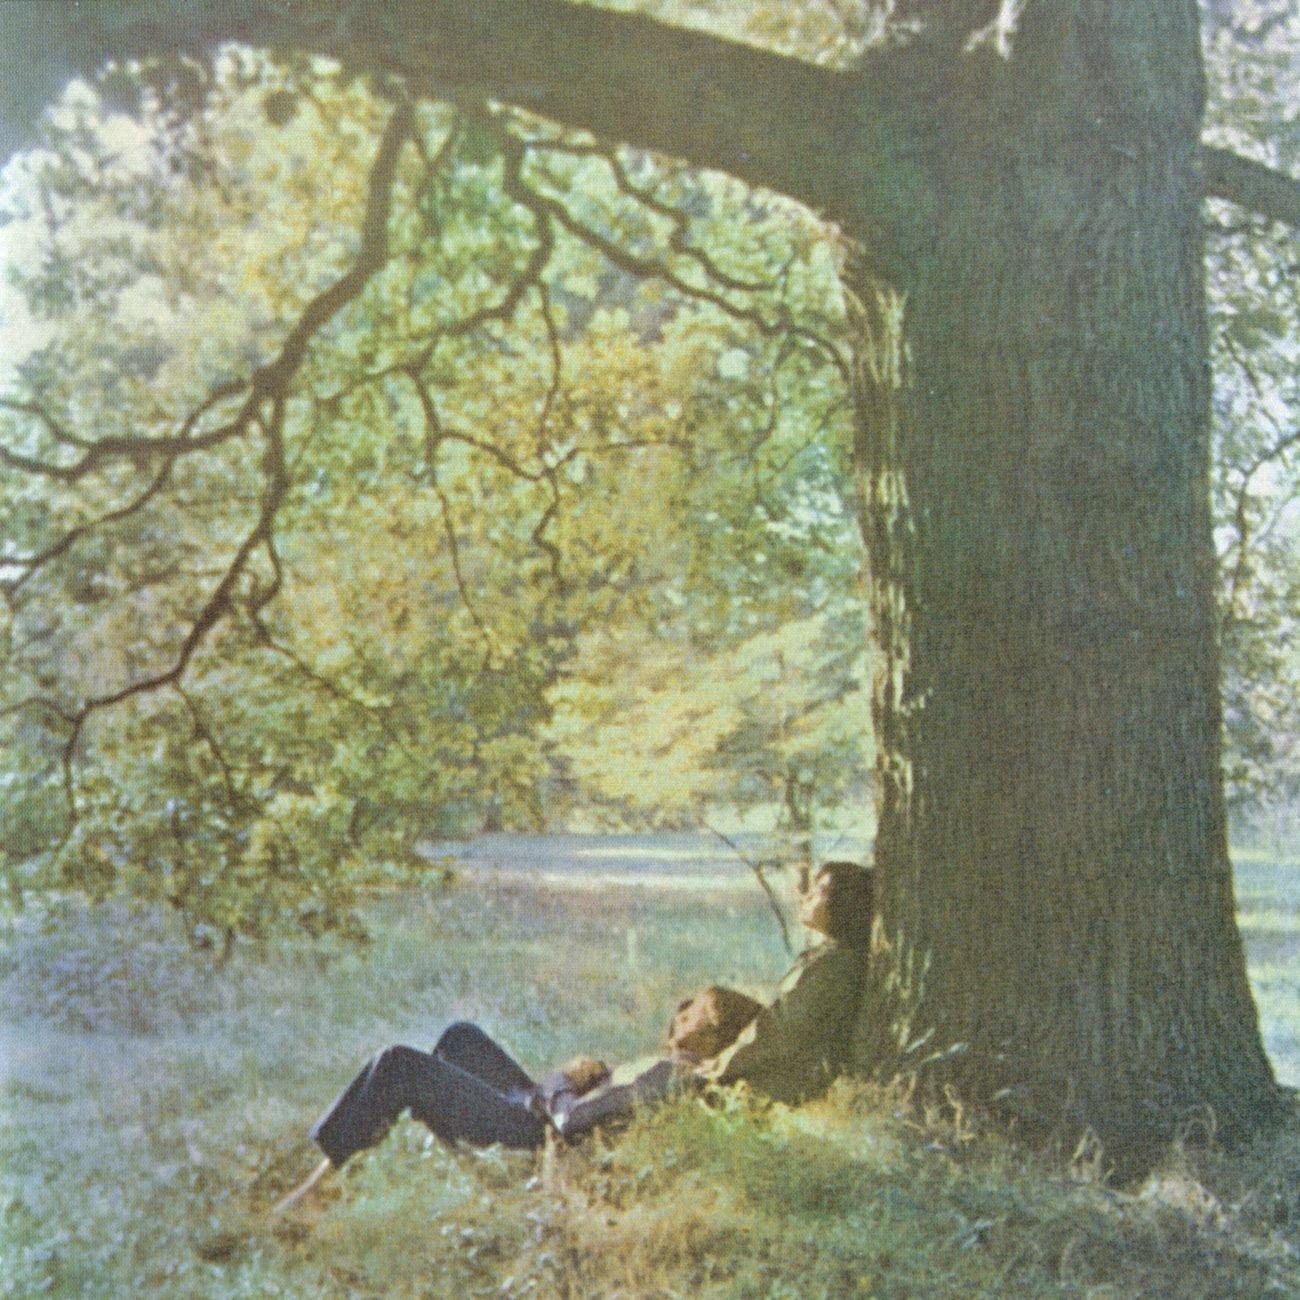 John Lennon | John Lennon/Plastic Ono Band | EMI, 1970